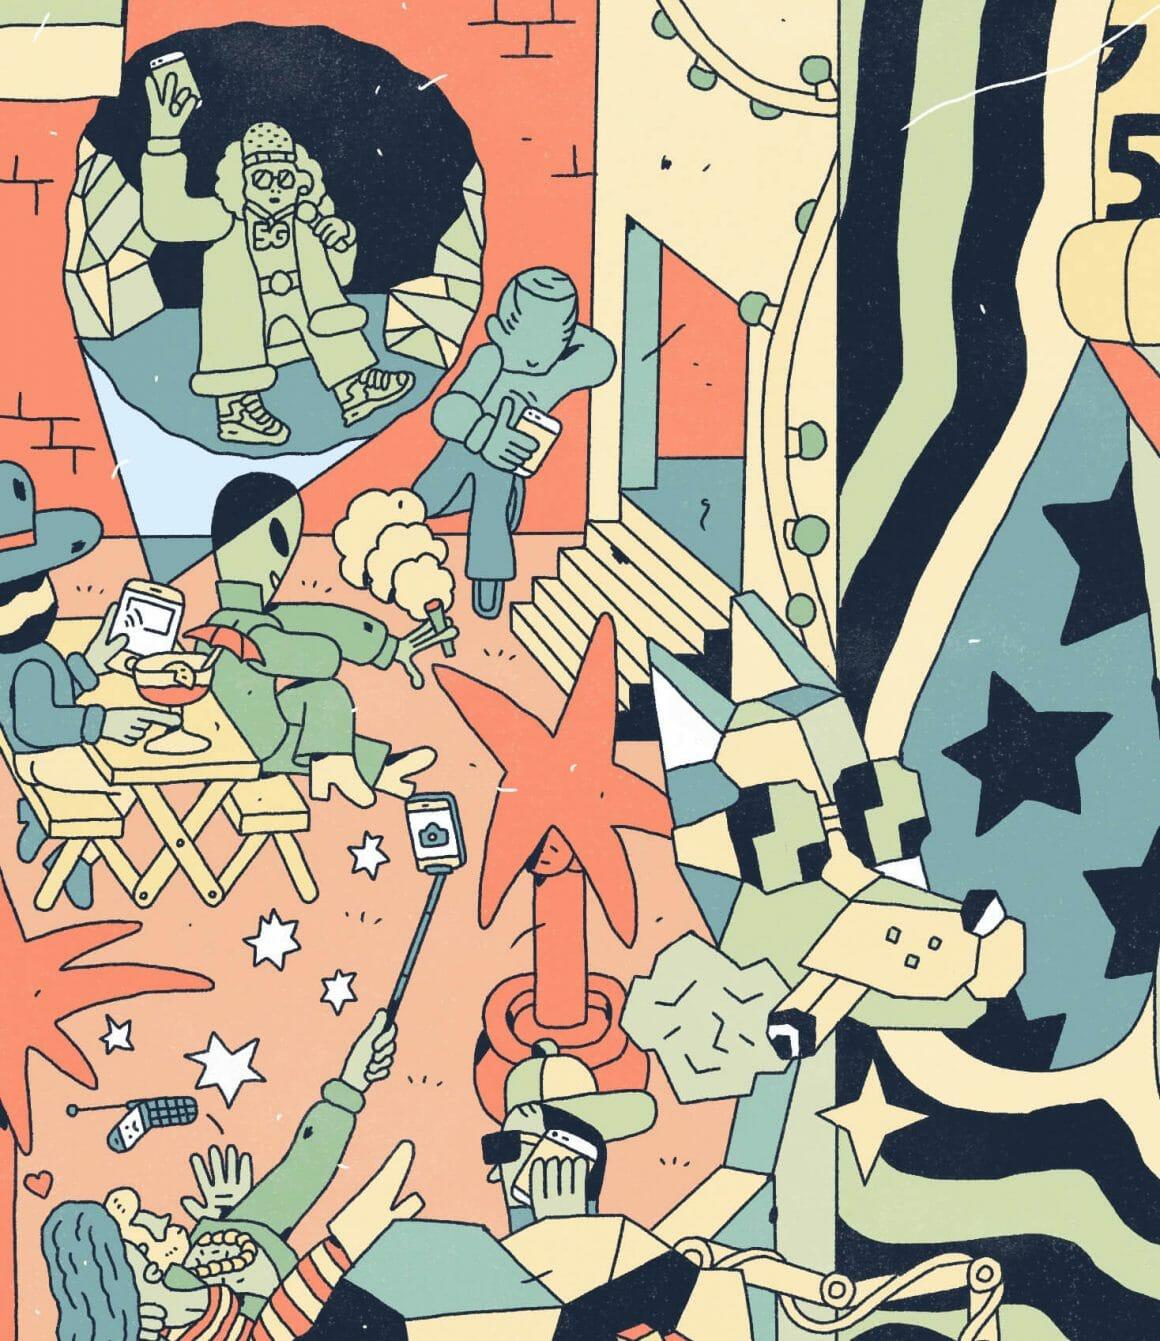 Zoom du dessin interconnecté : plusieurs personnages sont sur leurs smartphones.